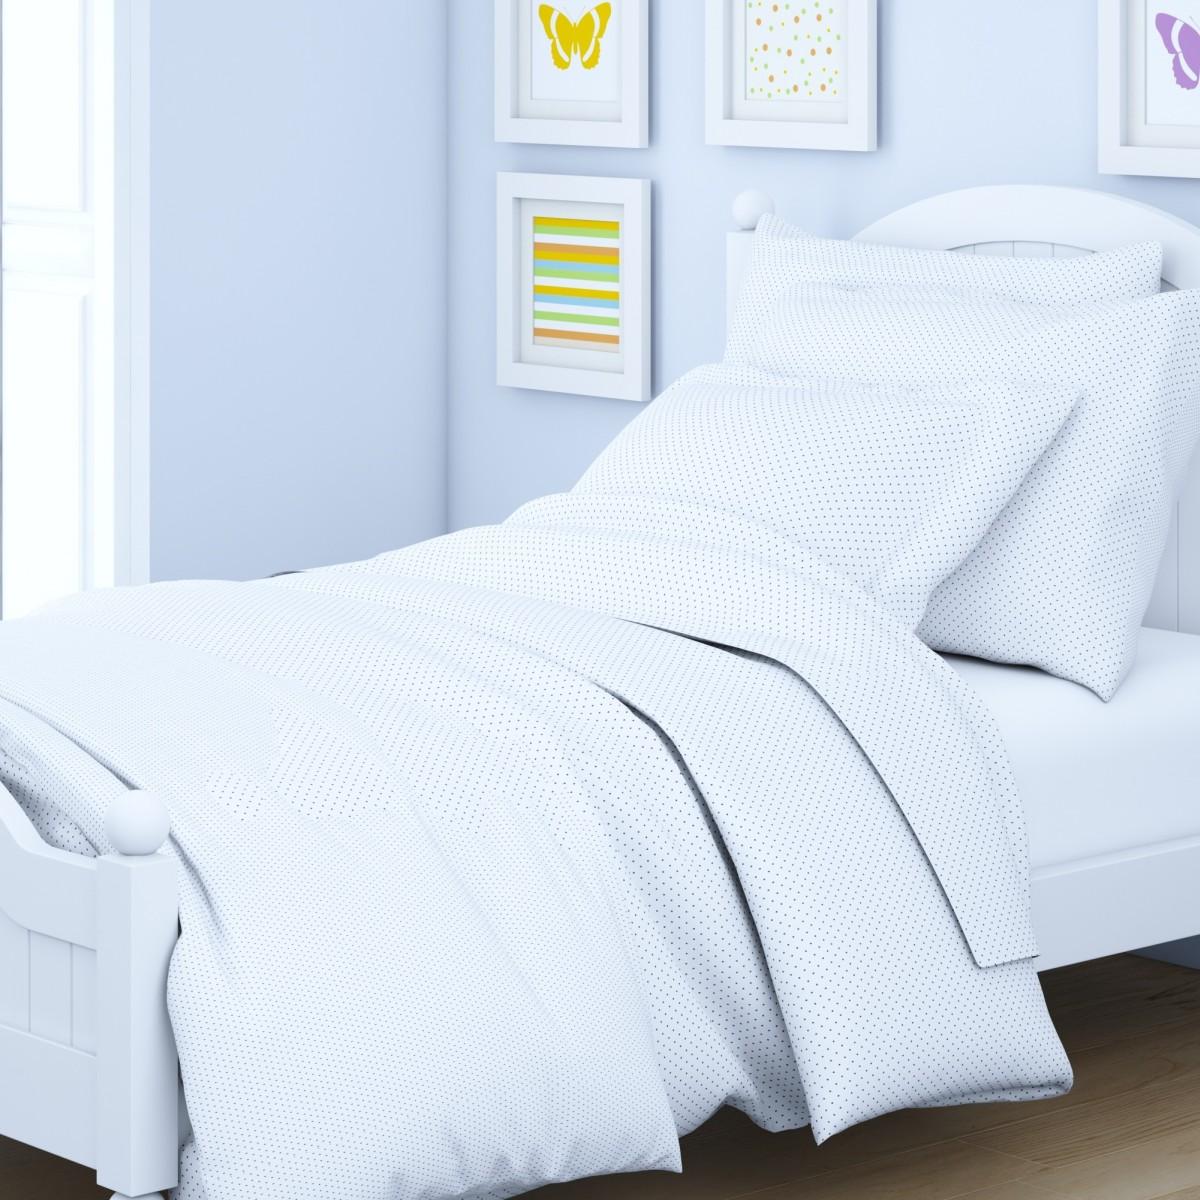 Комплект детского постельного белья Letto  Горошек , 1,5 спальный, наволочка 50x70. goroshek50 -  Детский текстиль